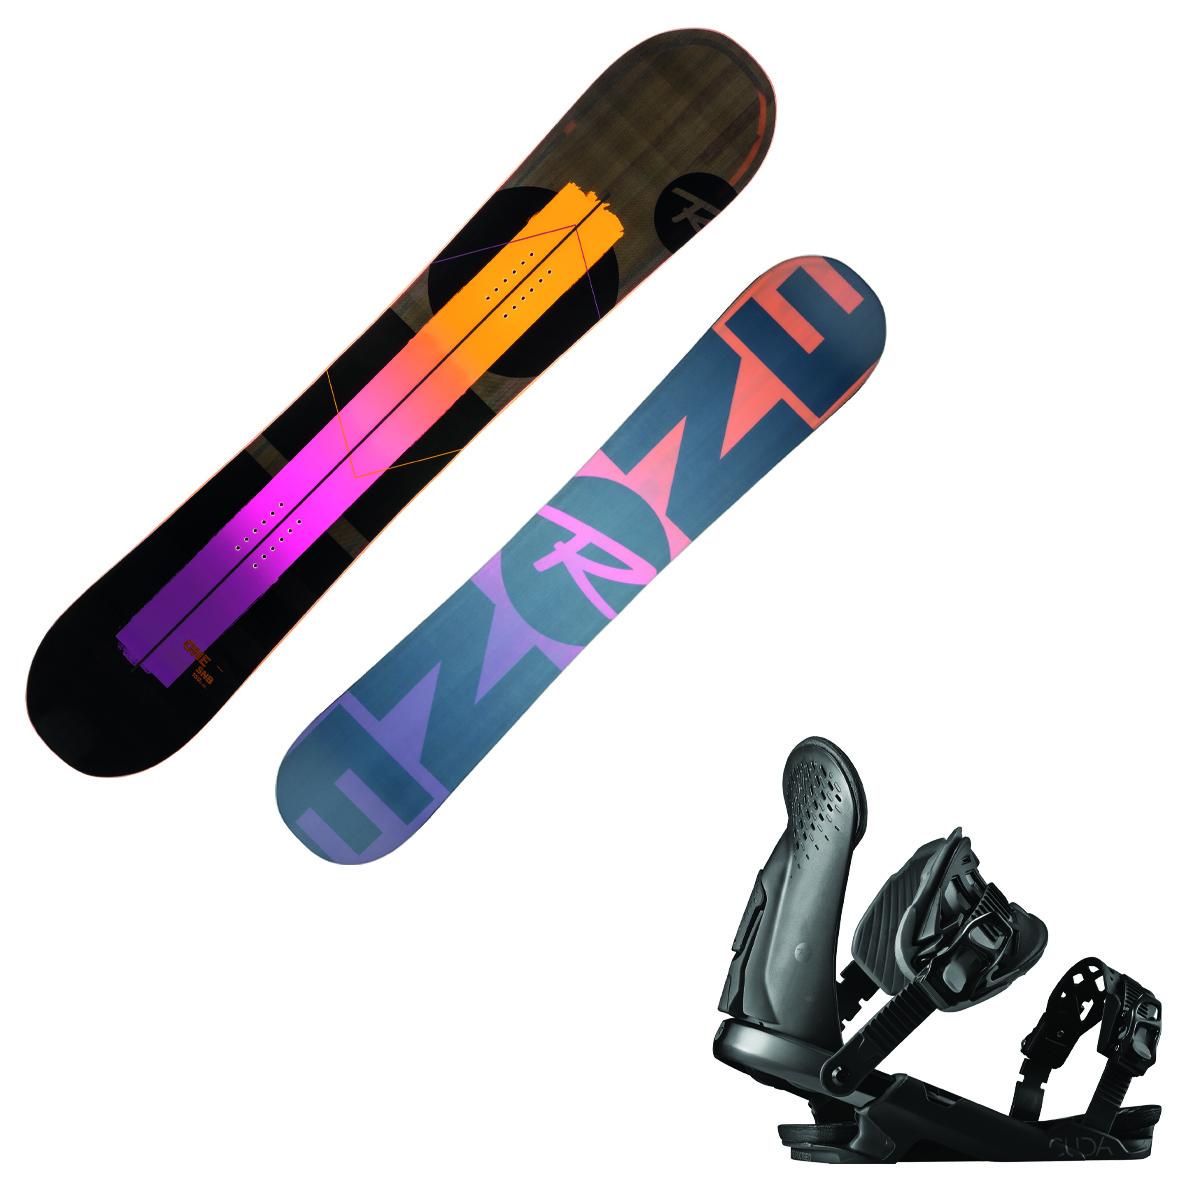 Snowboard Rossignol One Lf ( lite frame ) + attacchi Cuda M/L (Colore: nero-arancio, Taglia: 156)